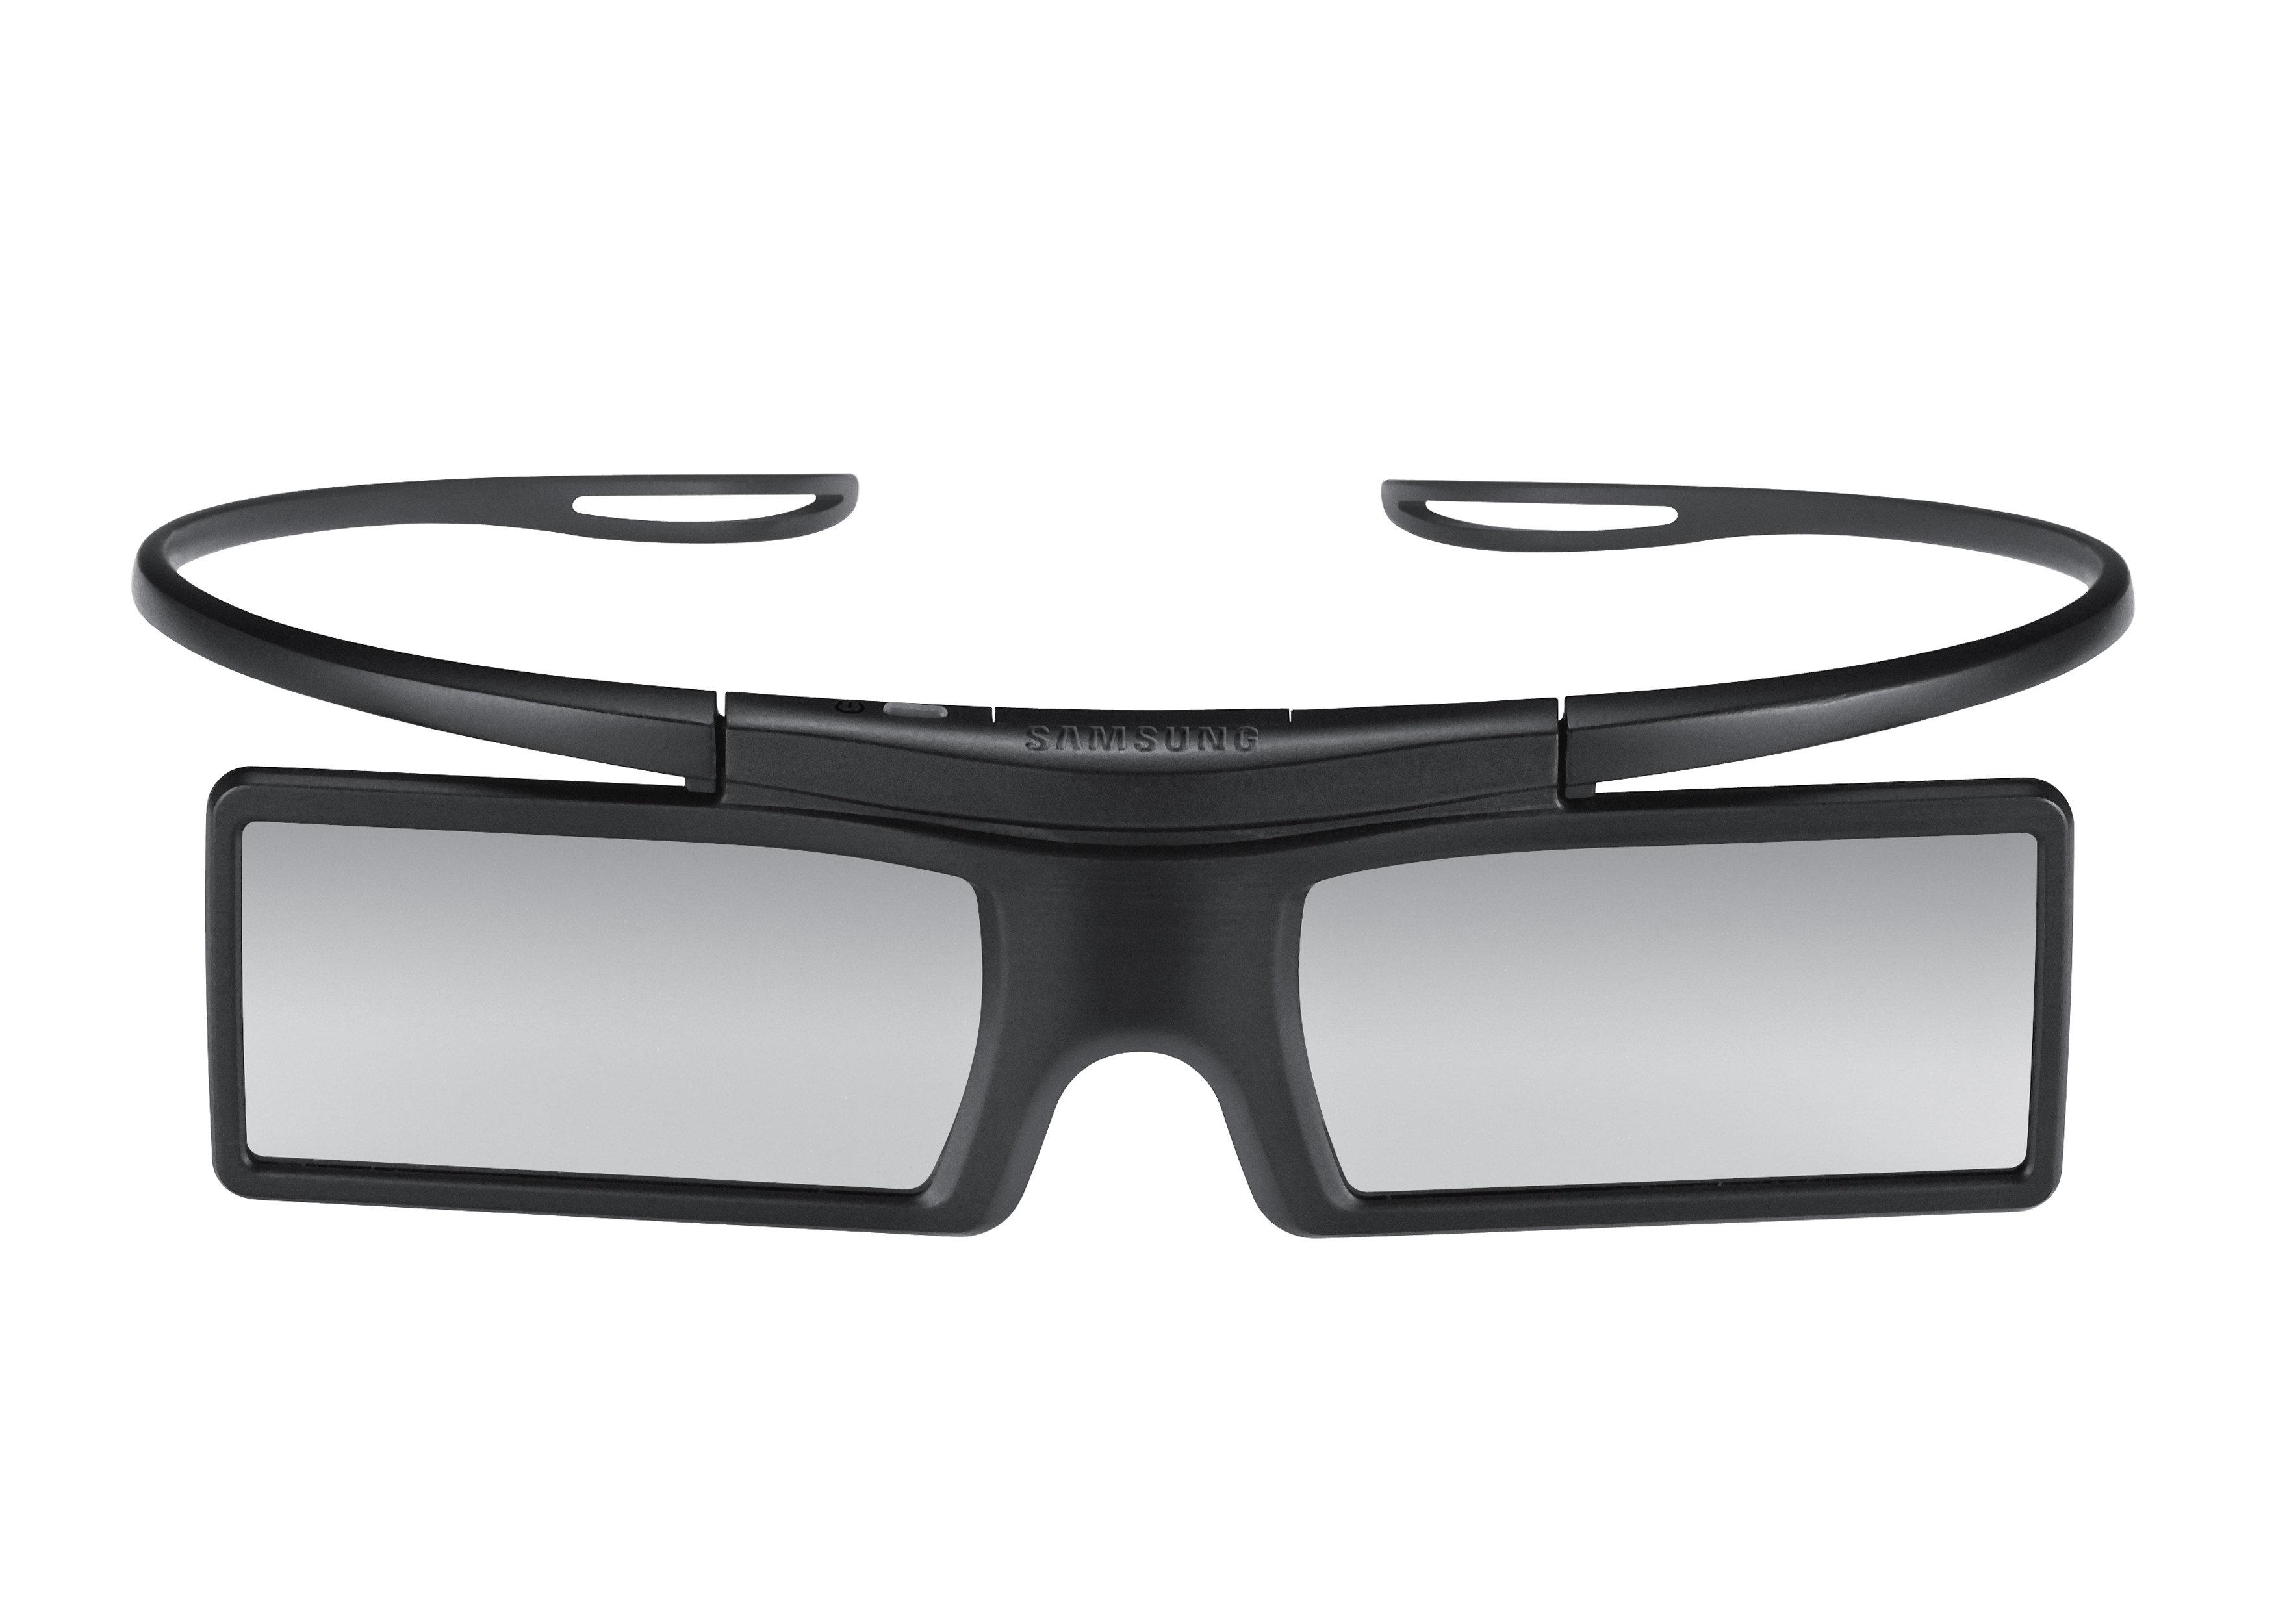 samsung tv 3d glasses. enlarge. samsung ssg-4100gb 3d glasses tv 3d a